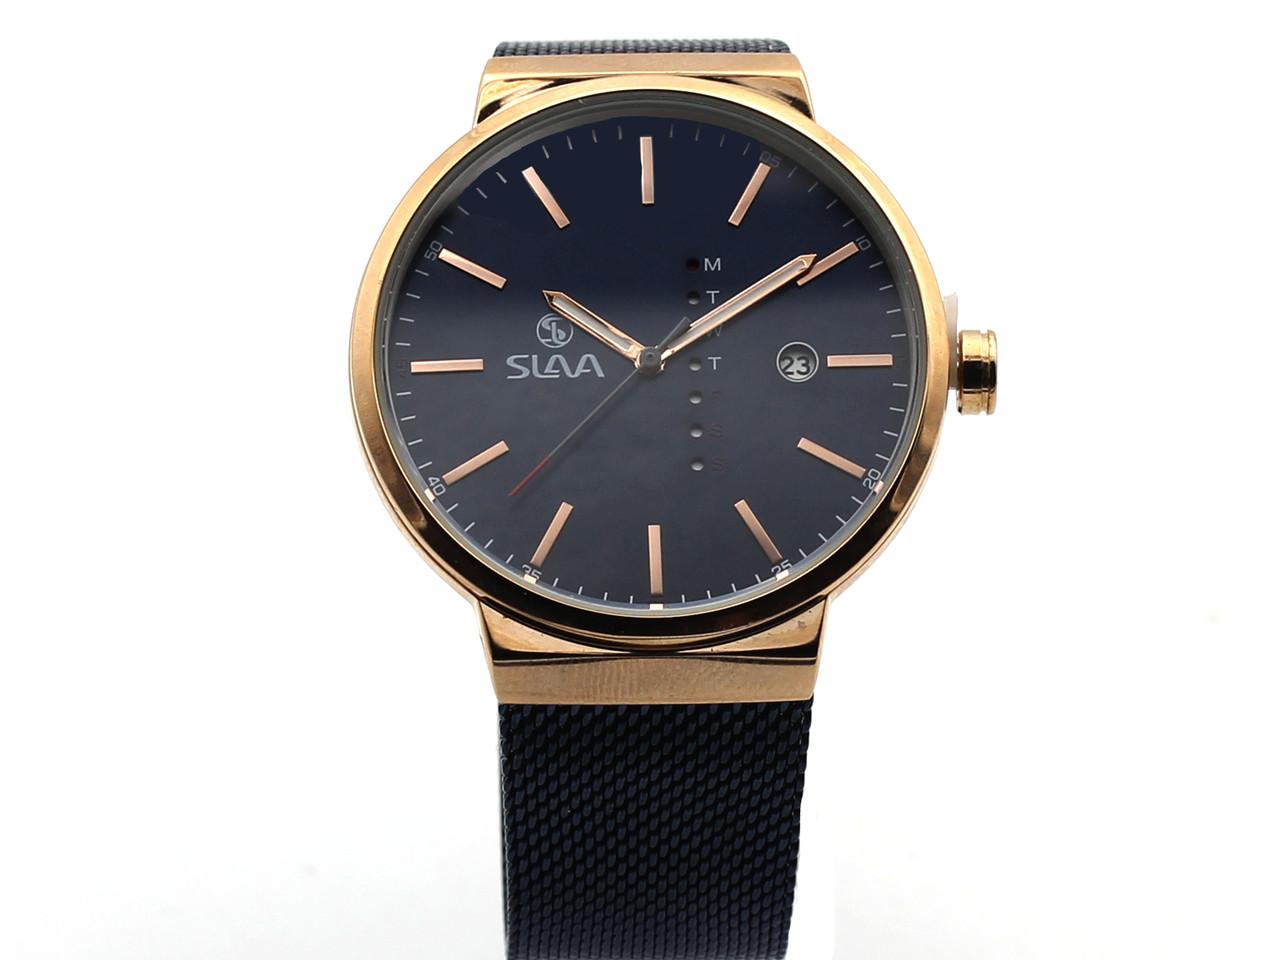 Часы кварцевые Slava, черный циферблат, бронзовый цвет корпуса, металлический браслет (19346)